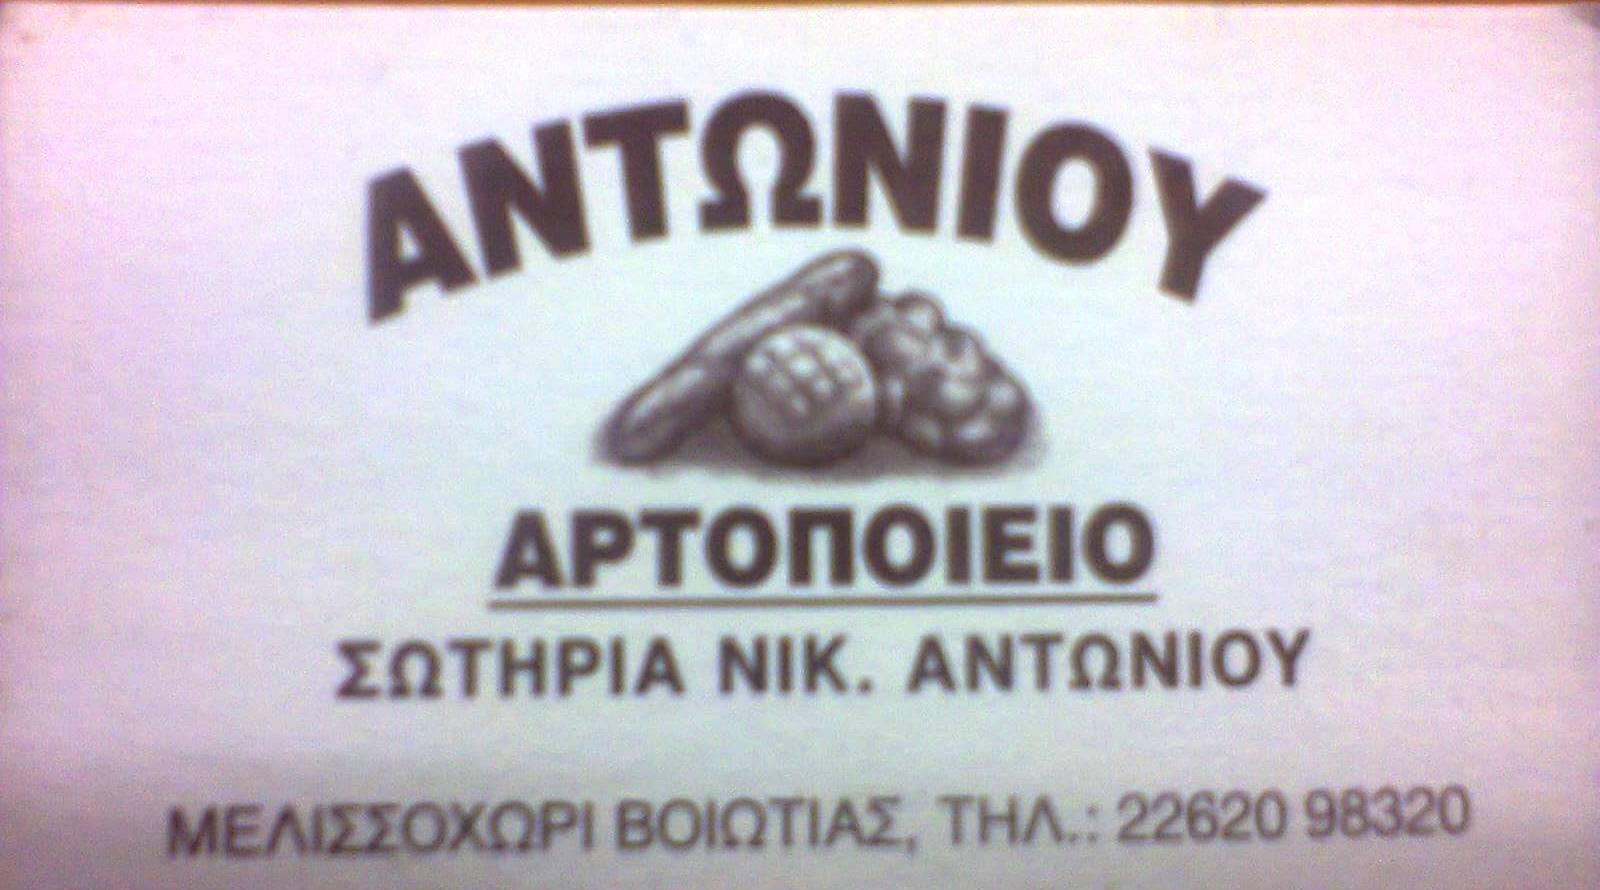 ΑΡΤΟΠΟΙΕΙΟ ΑΝΤΩΝΙΟΥ